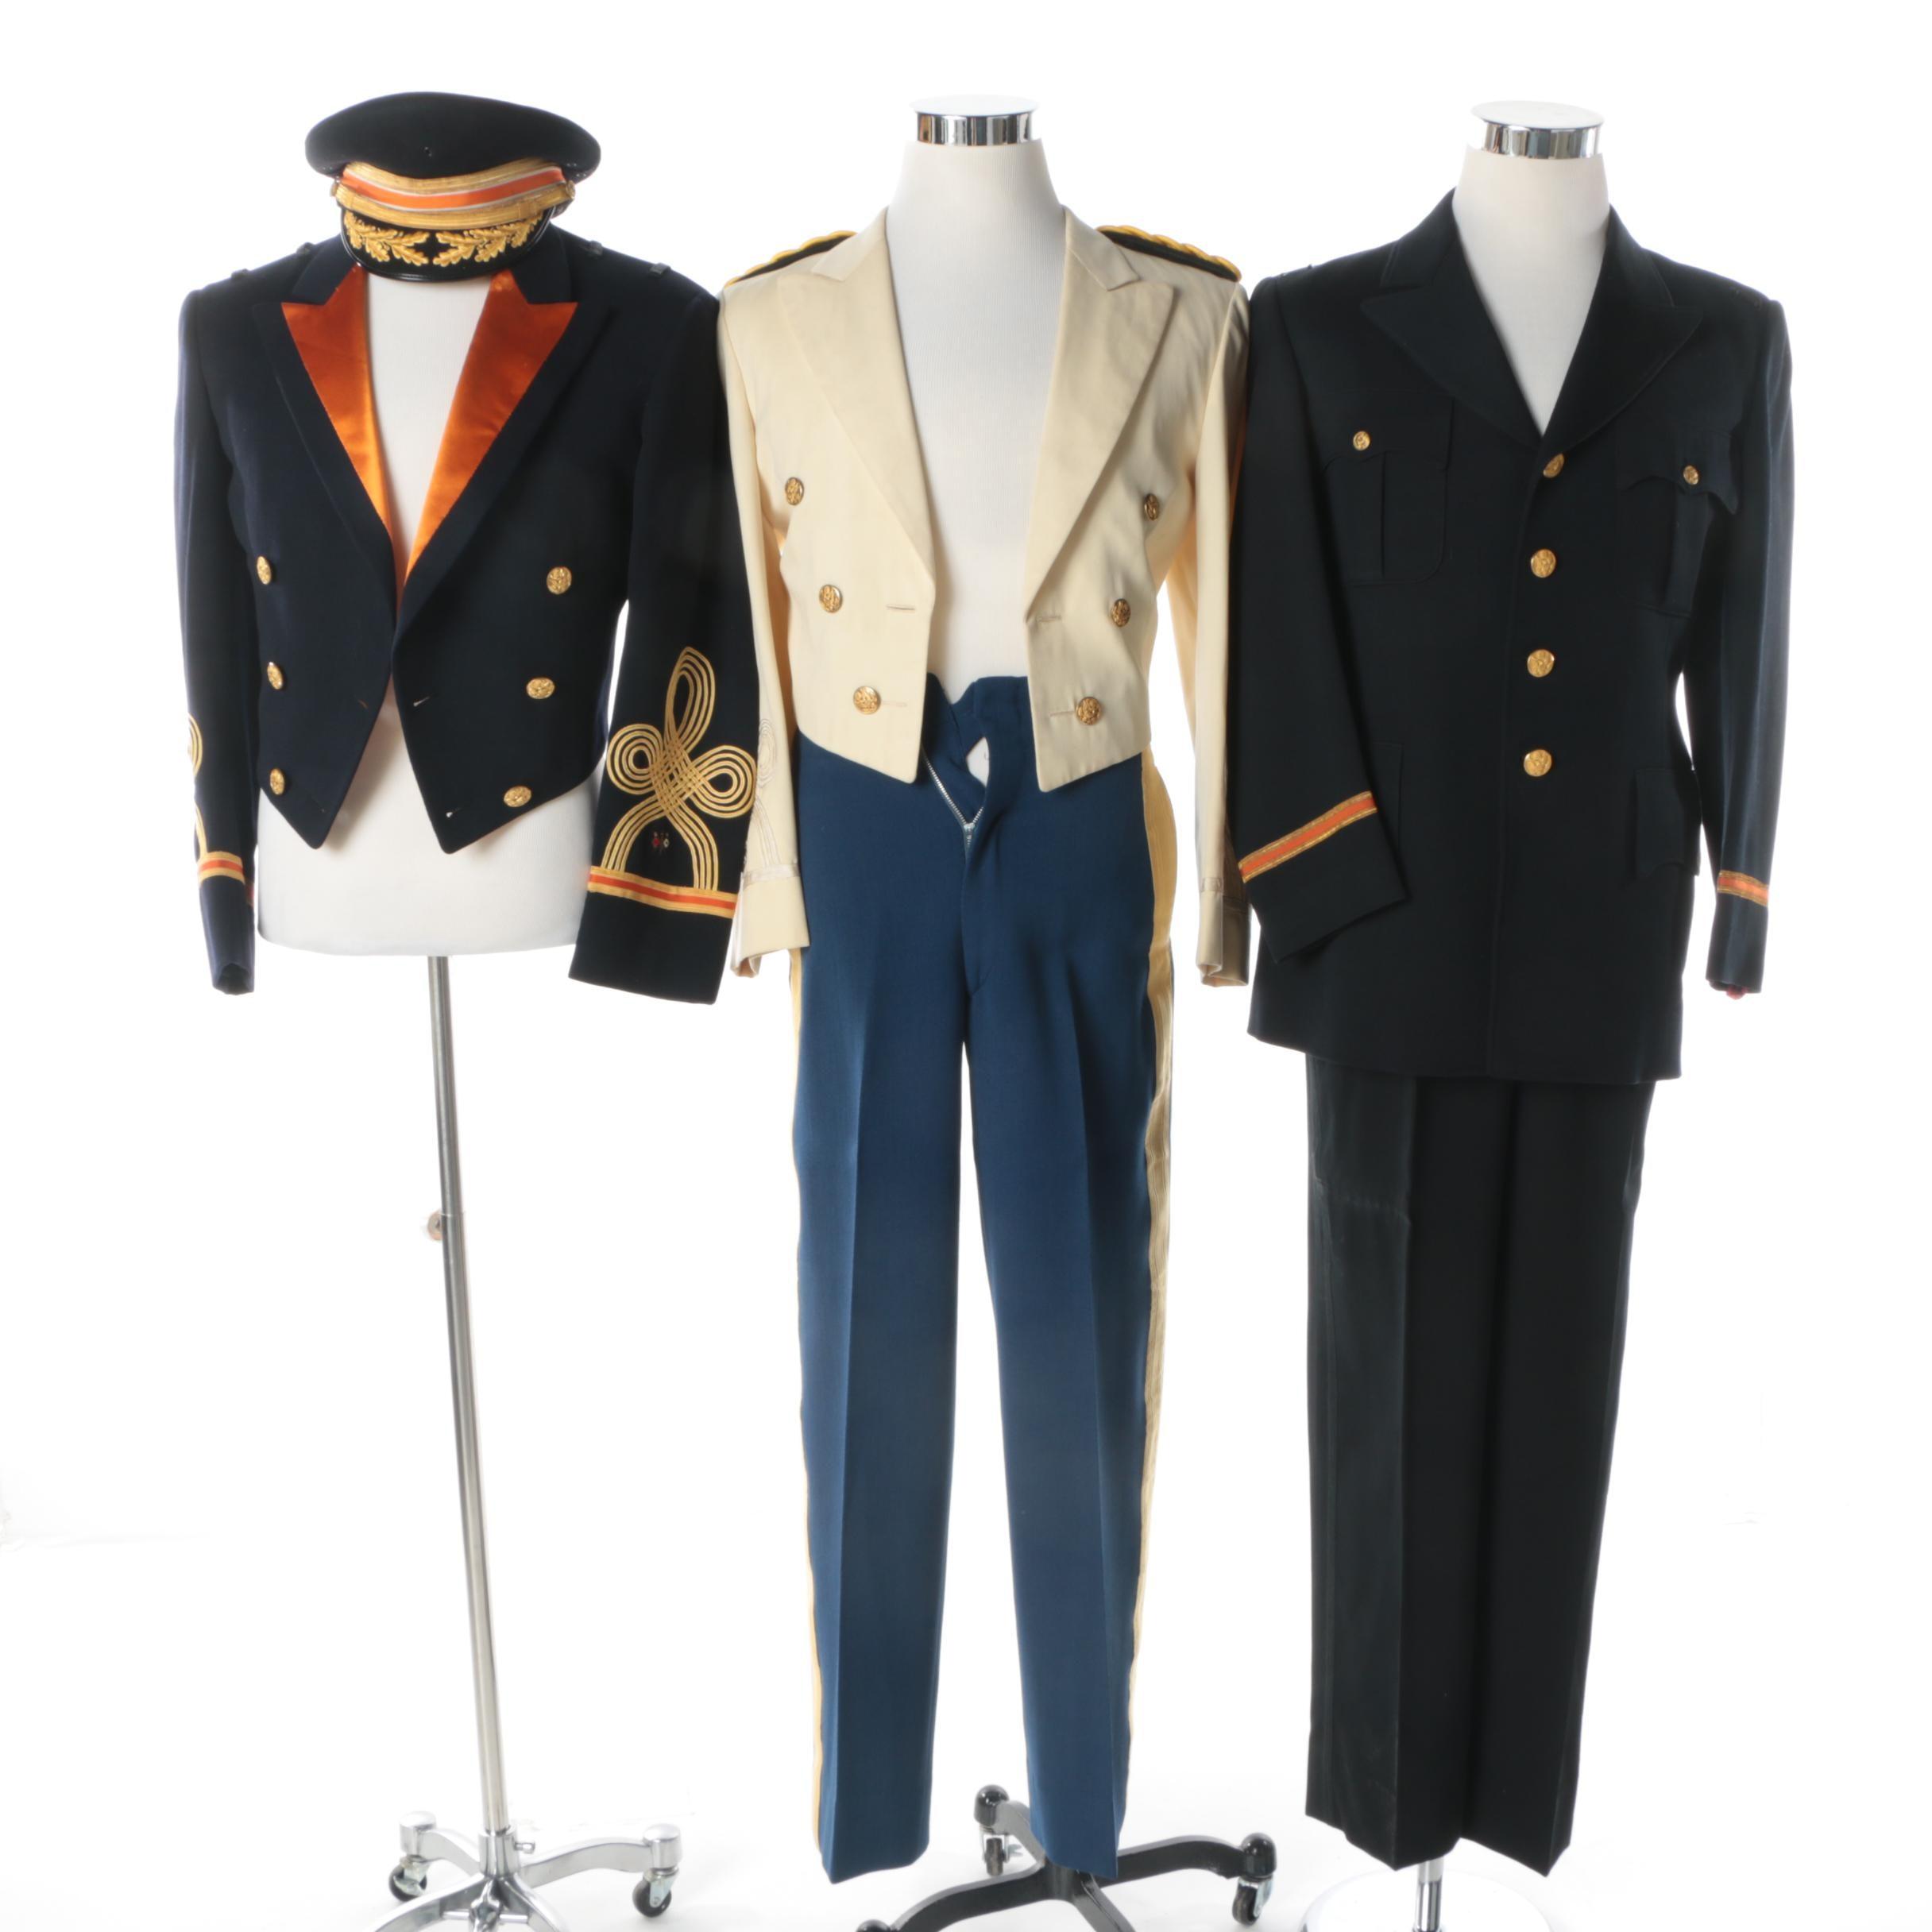 Men's Vintage US Army Dress Uniforms